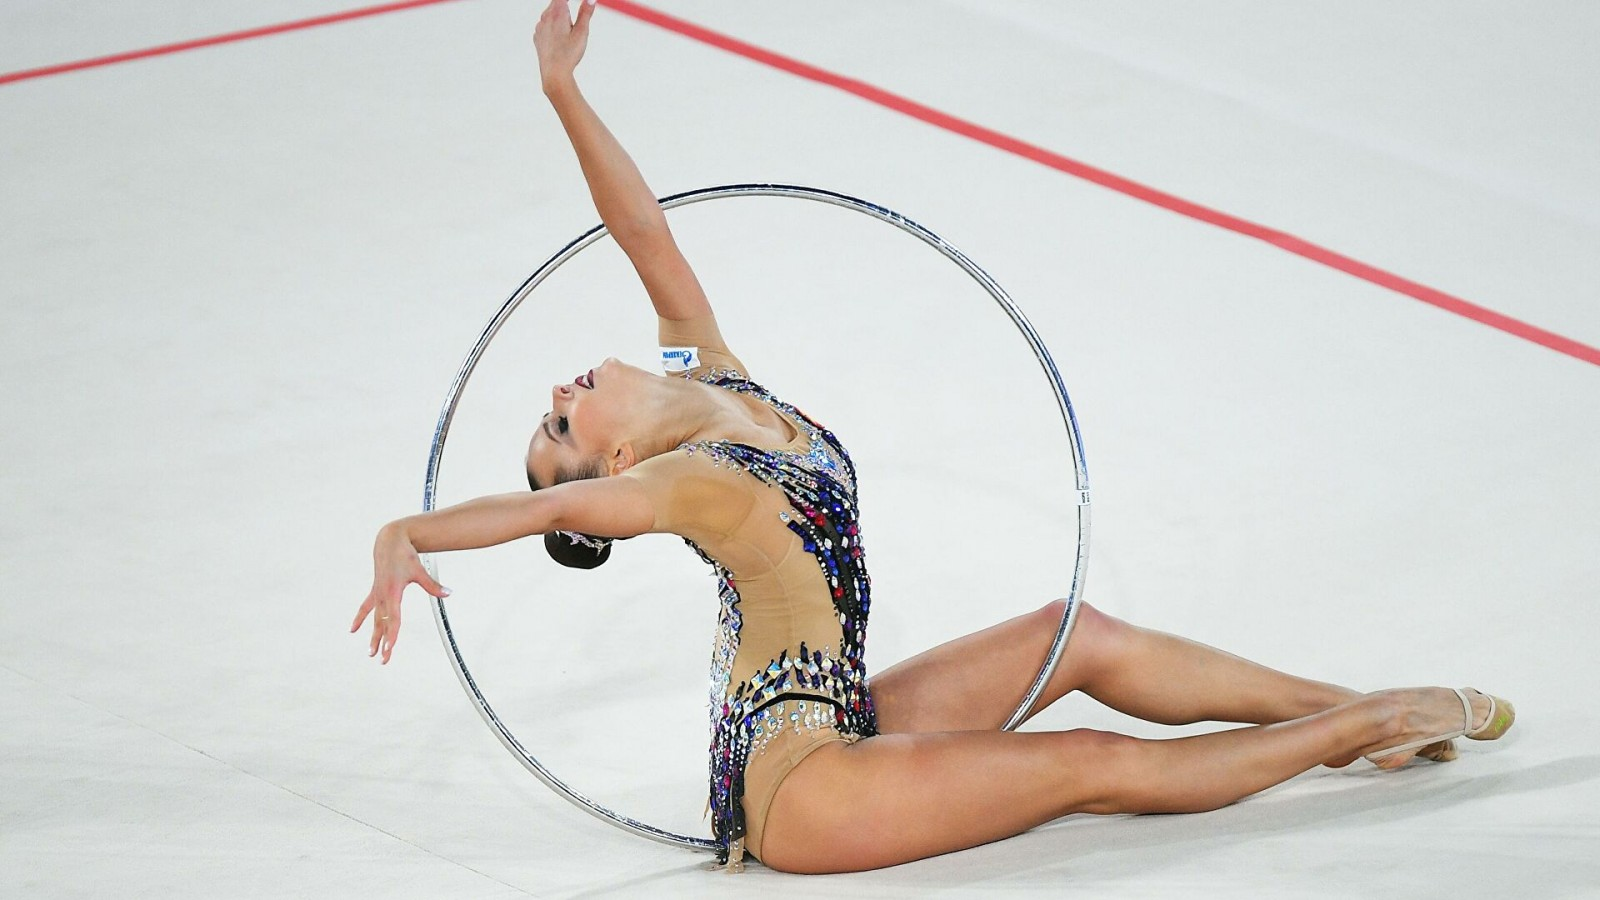 Сборная Калмыкии по художественной гимнастике серебряный призёр первенства Южного и Северокавказского федеральных округов